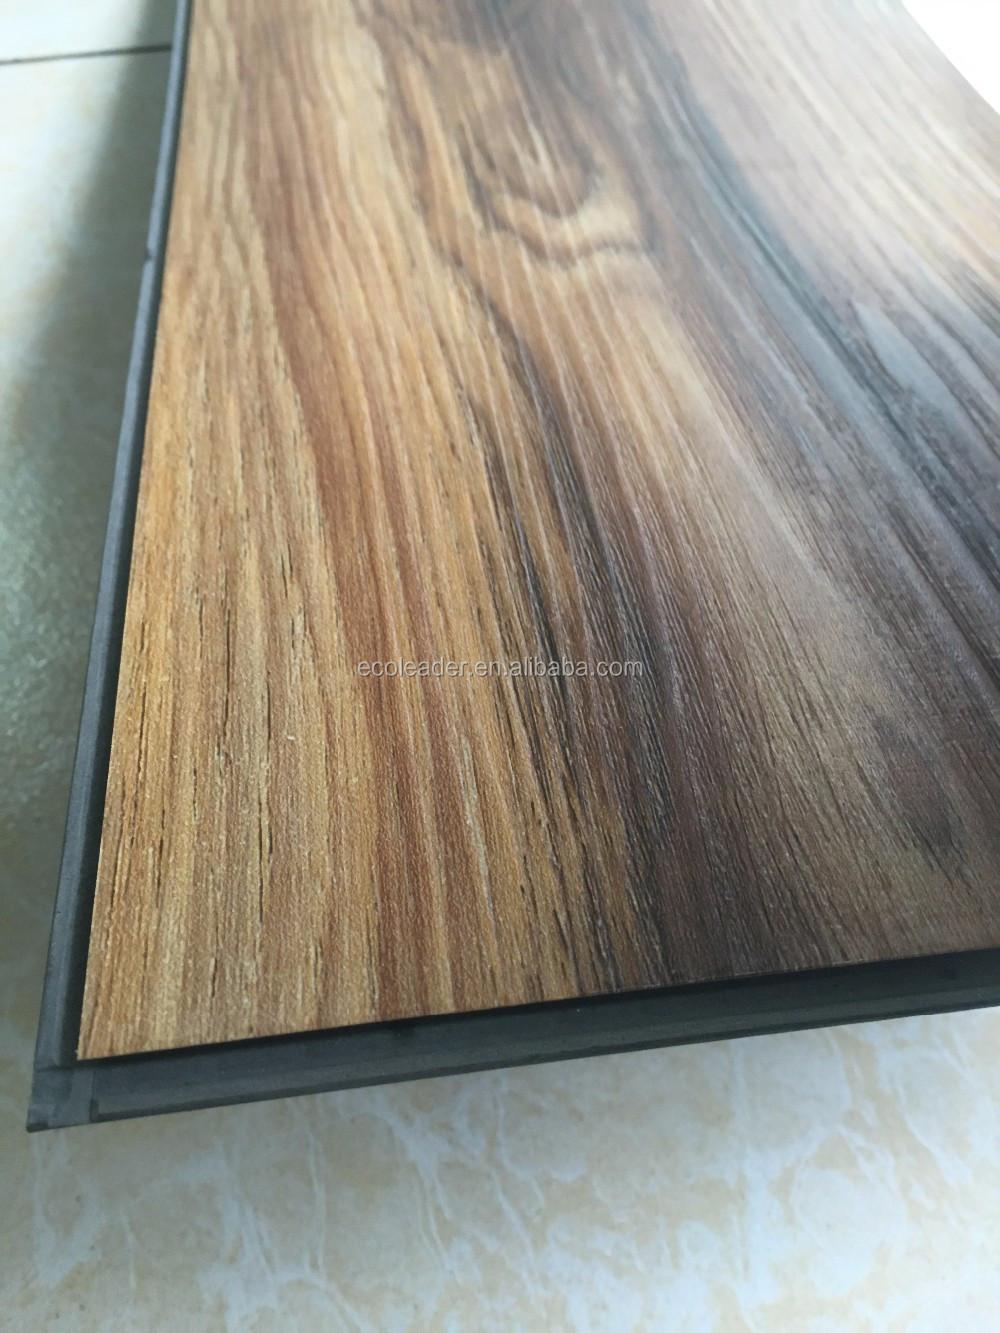 Lvt luxus vinyl fliesen dekorative holz muster pvc bodenbelag lvt ...